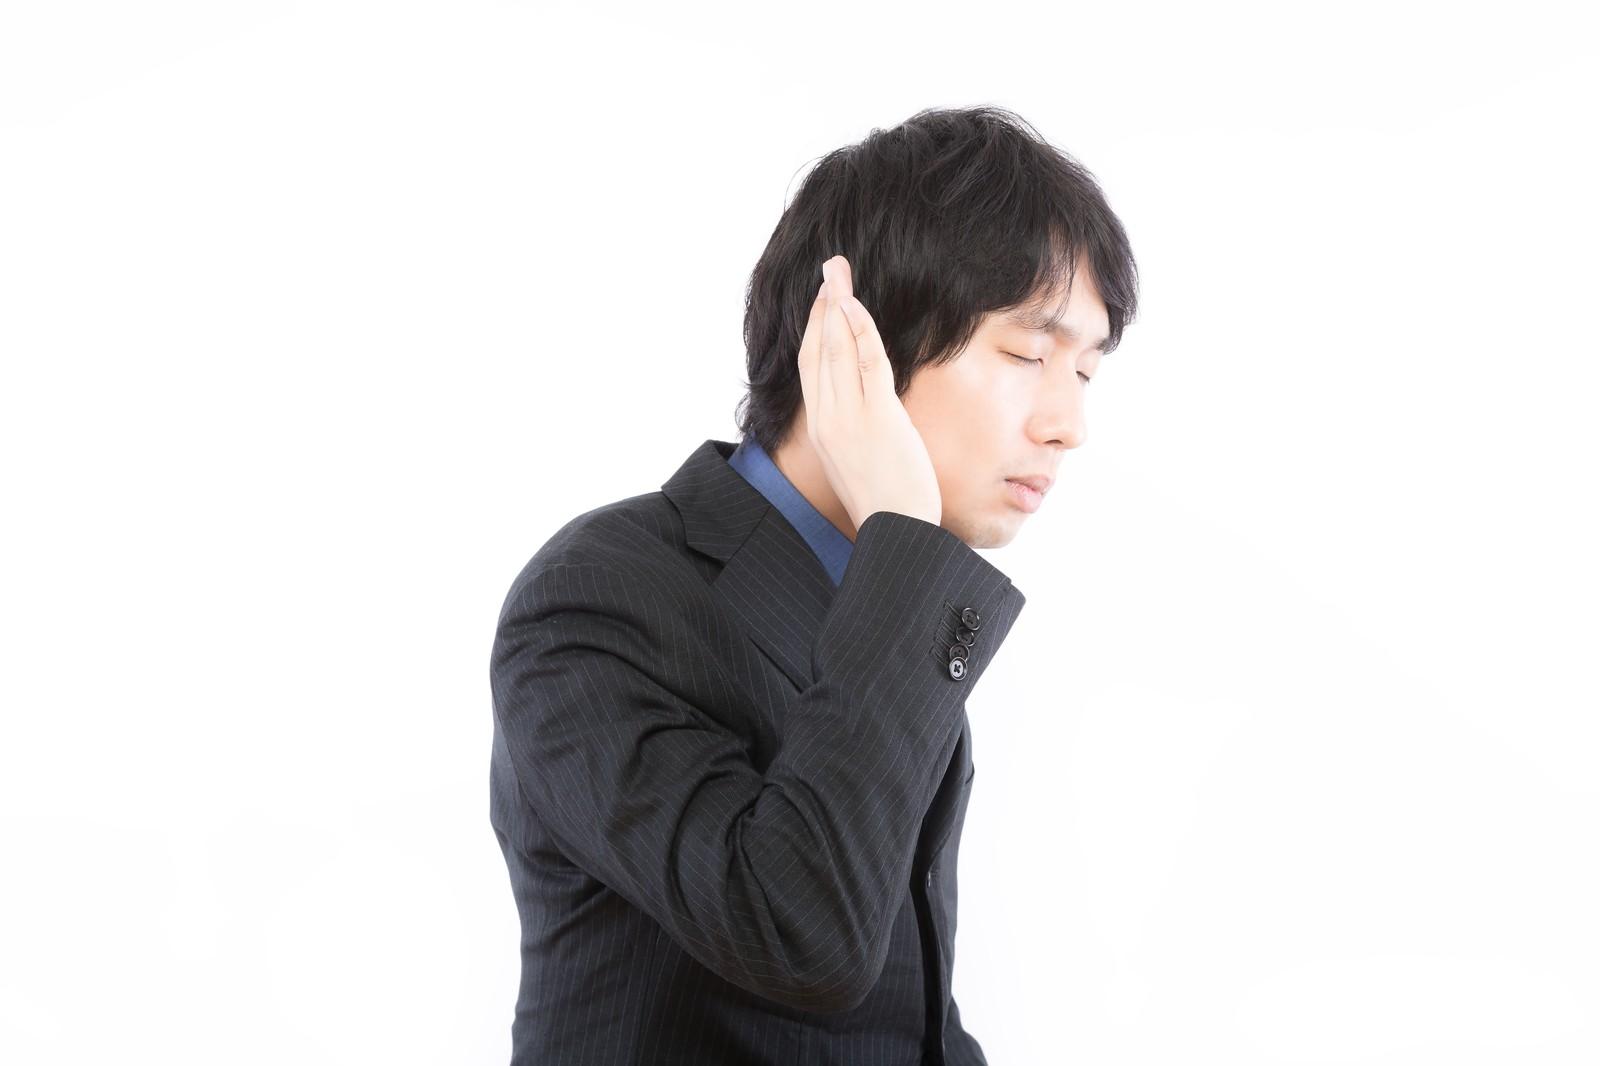 堂本剛 難聴 画像